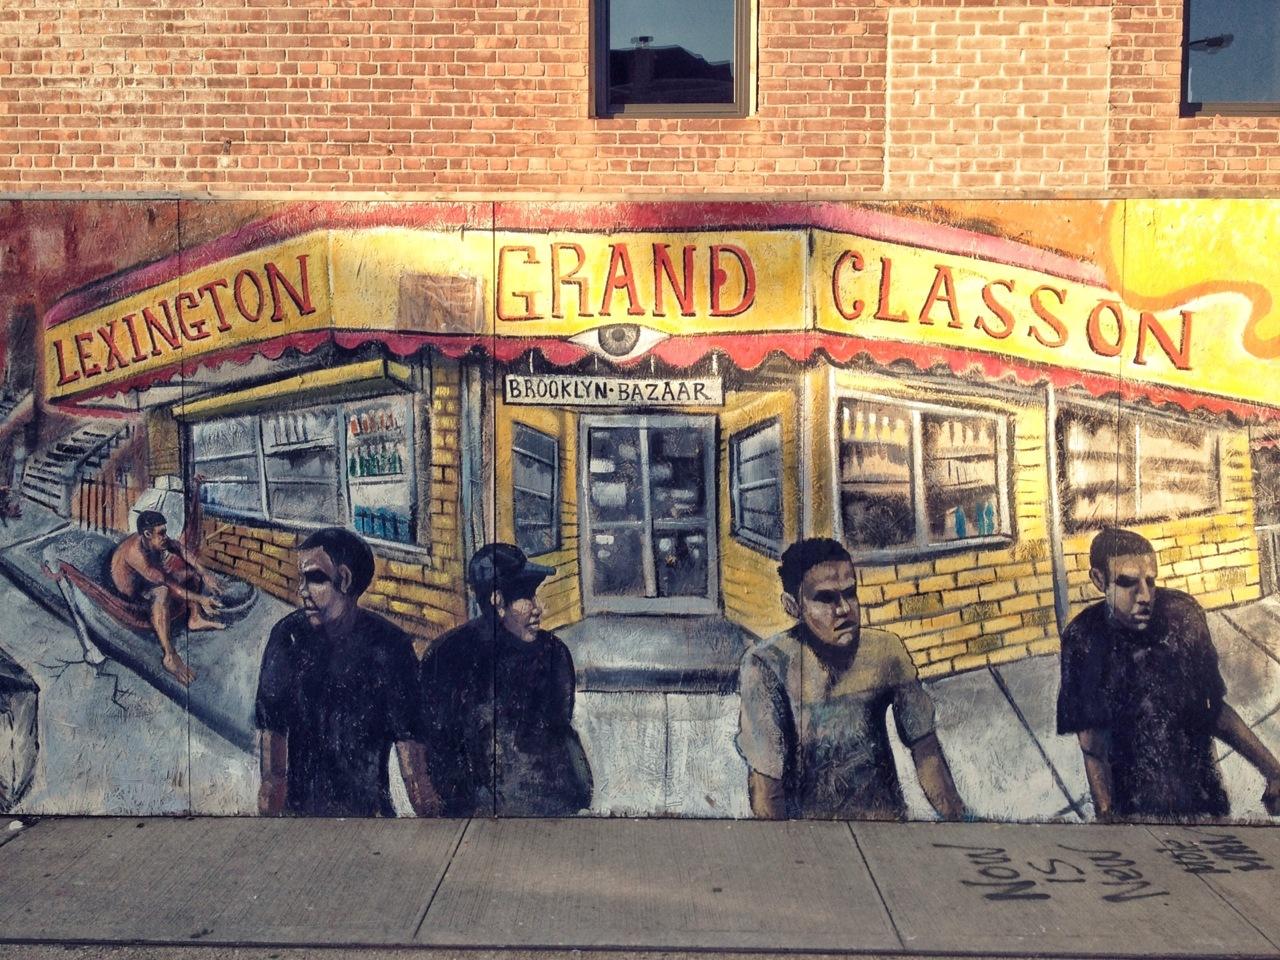 Lex Grand Classon